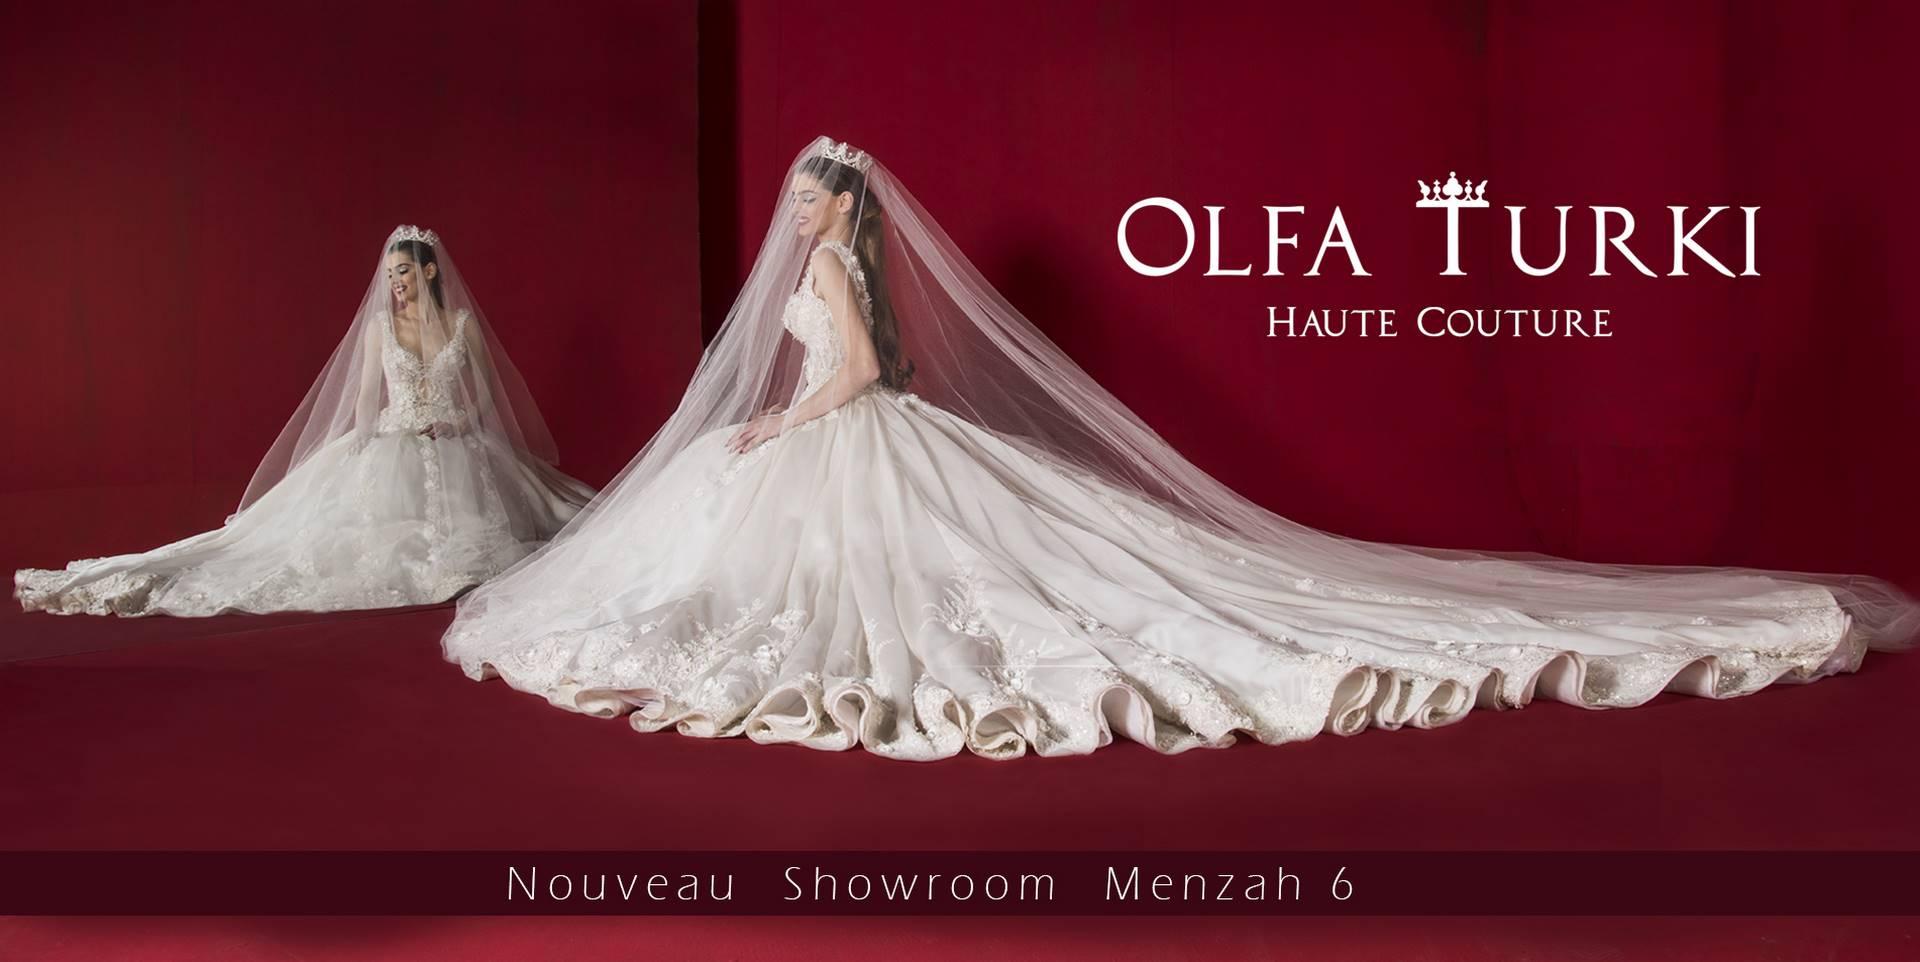 La medina creation olfa mariage tunisie - 80 ans de mariage noce de quoi ...